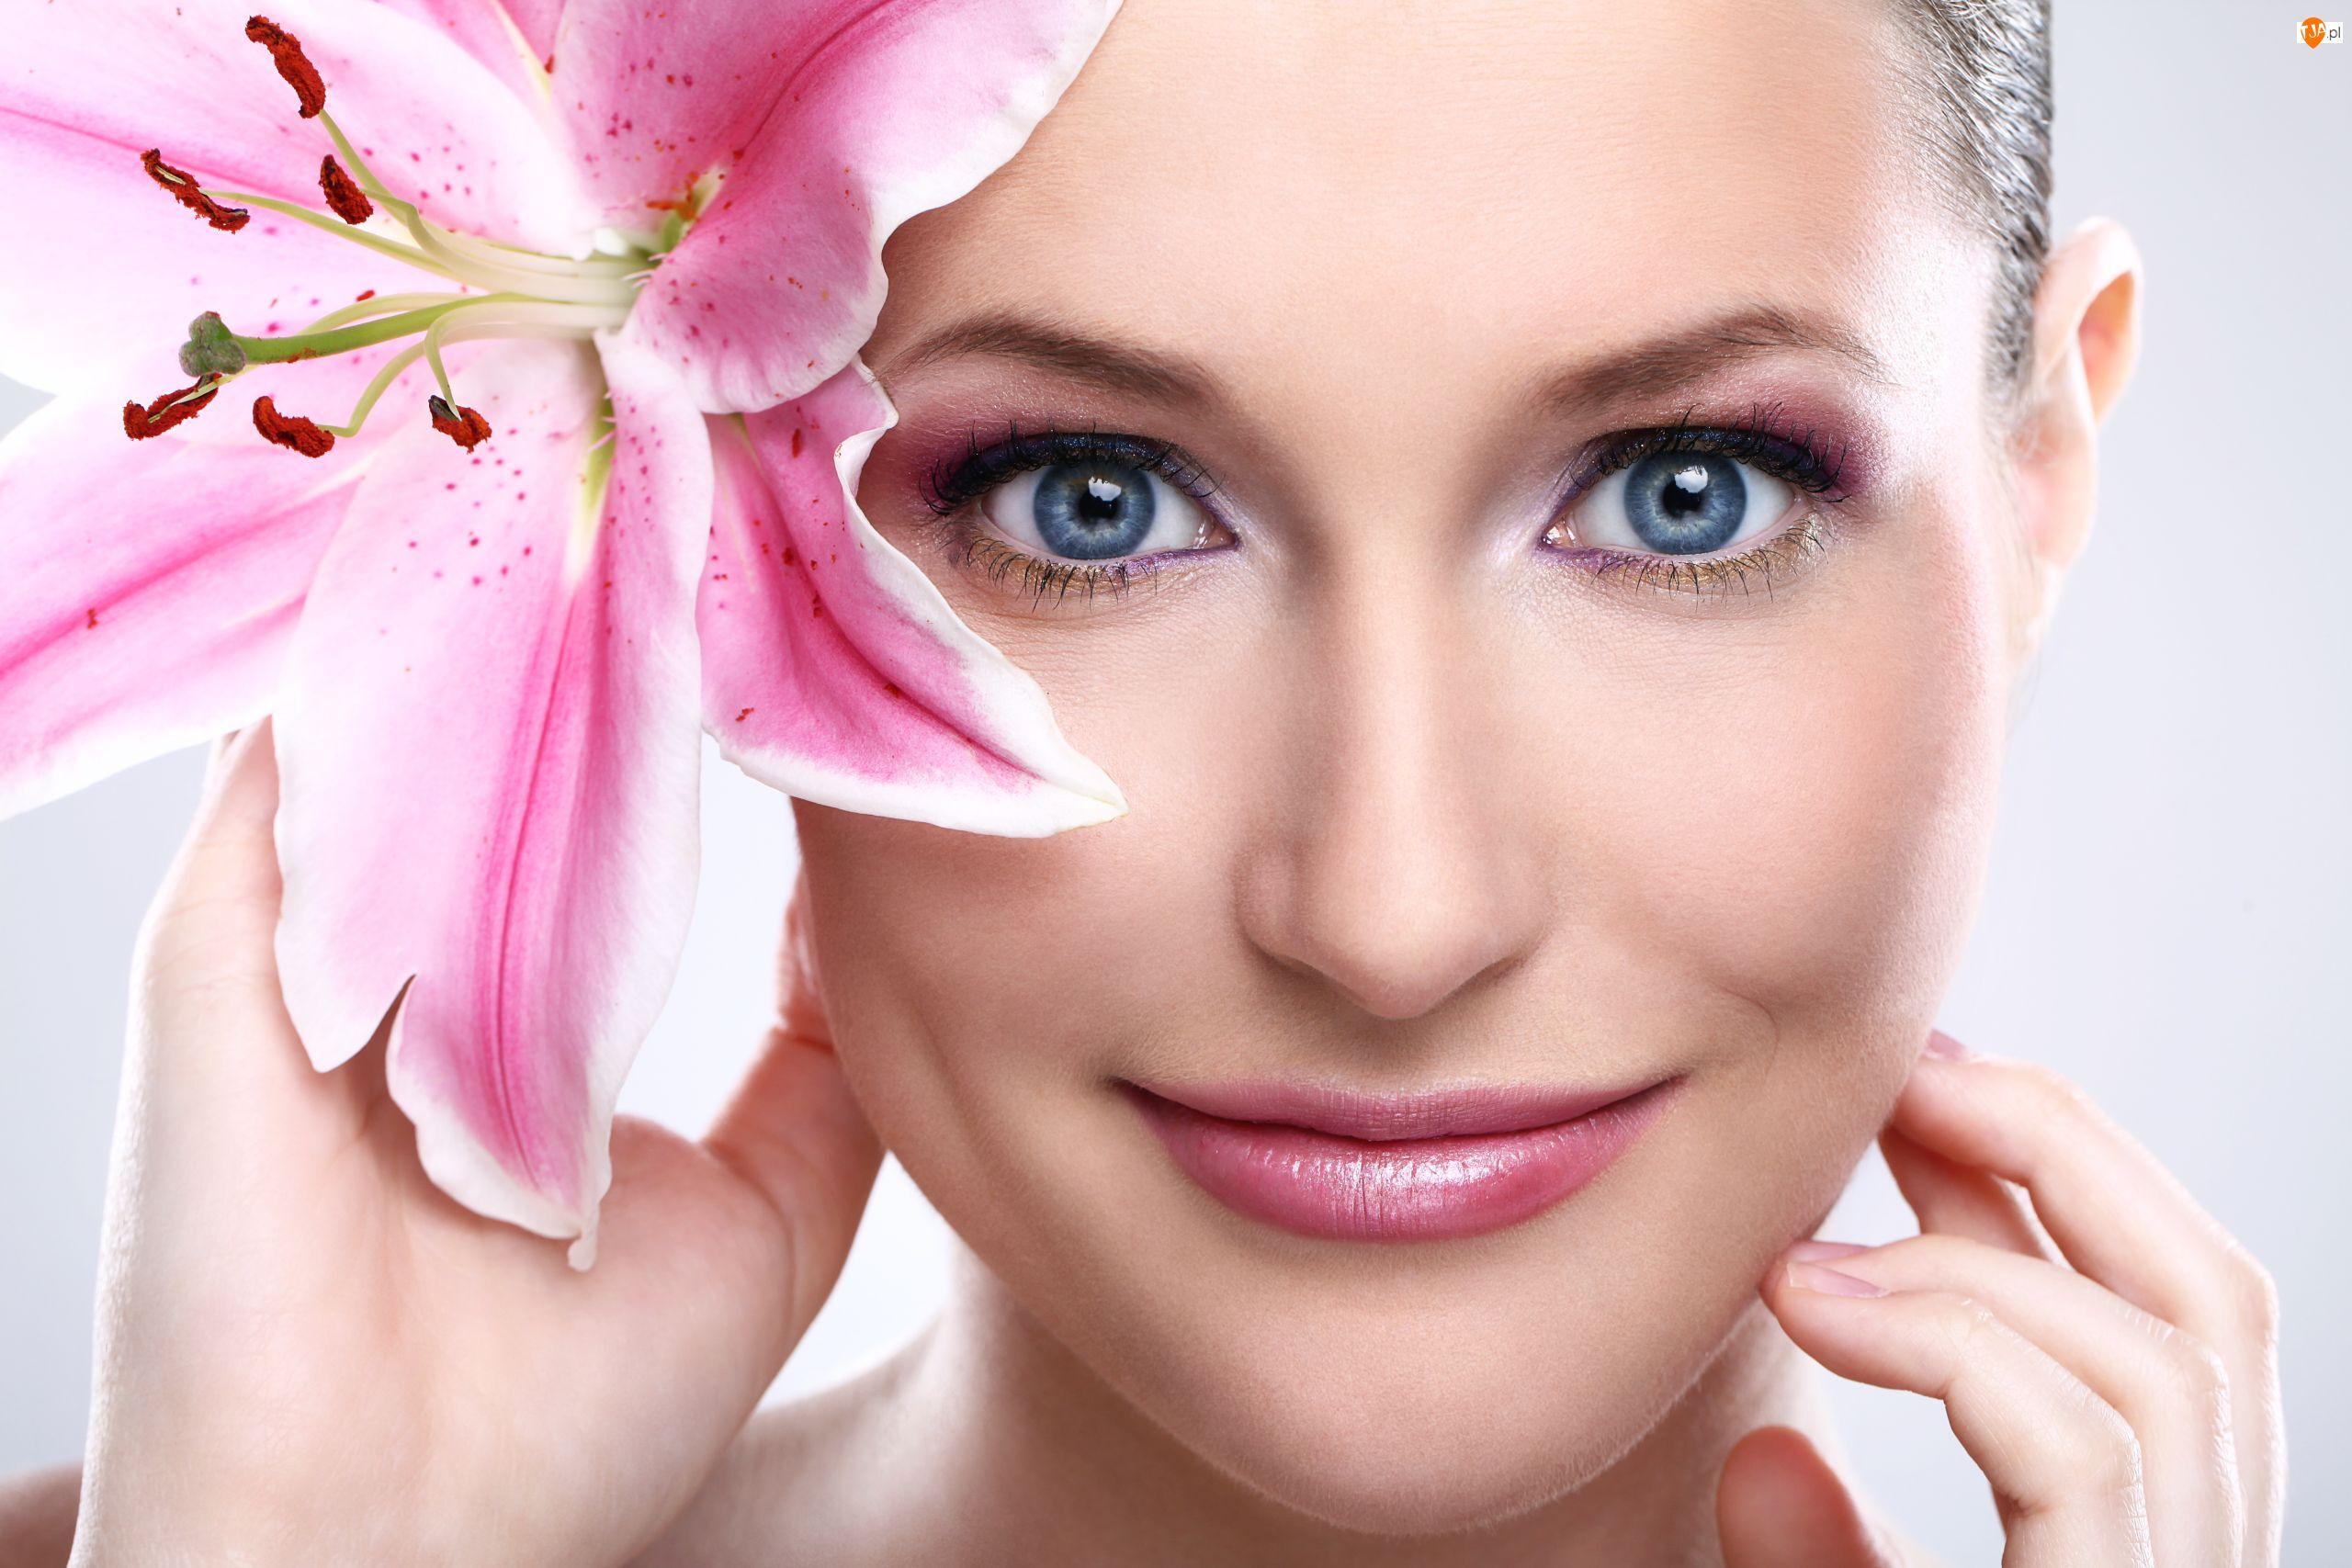 Makijaż, Lilia, Uśmiech, Kobieta, Kwiat